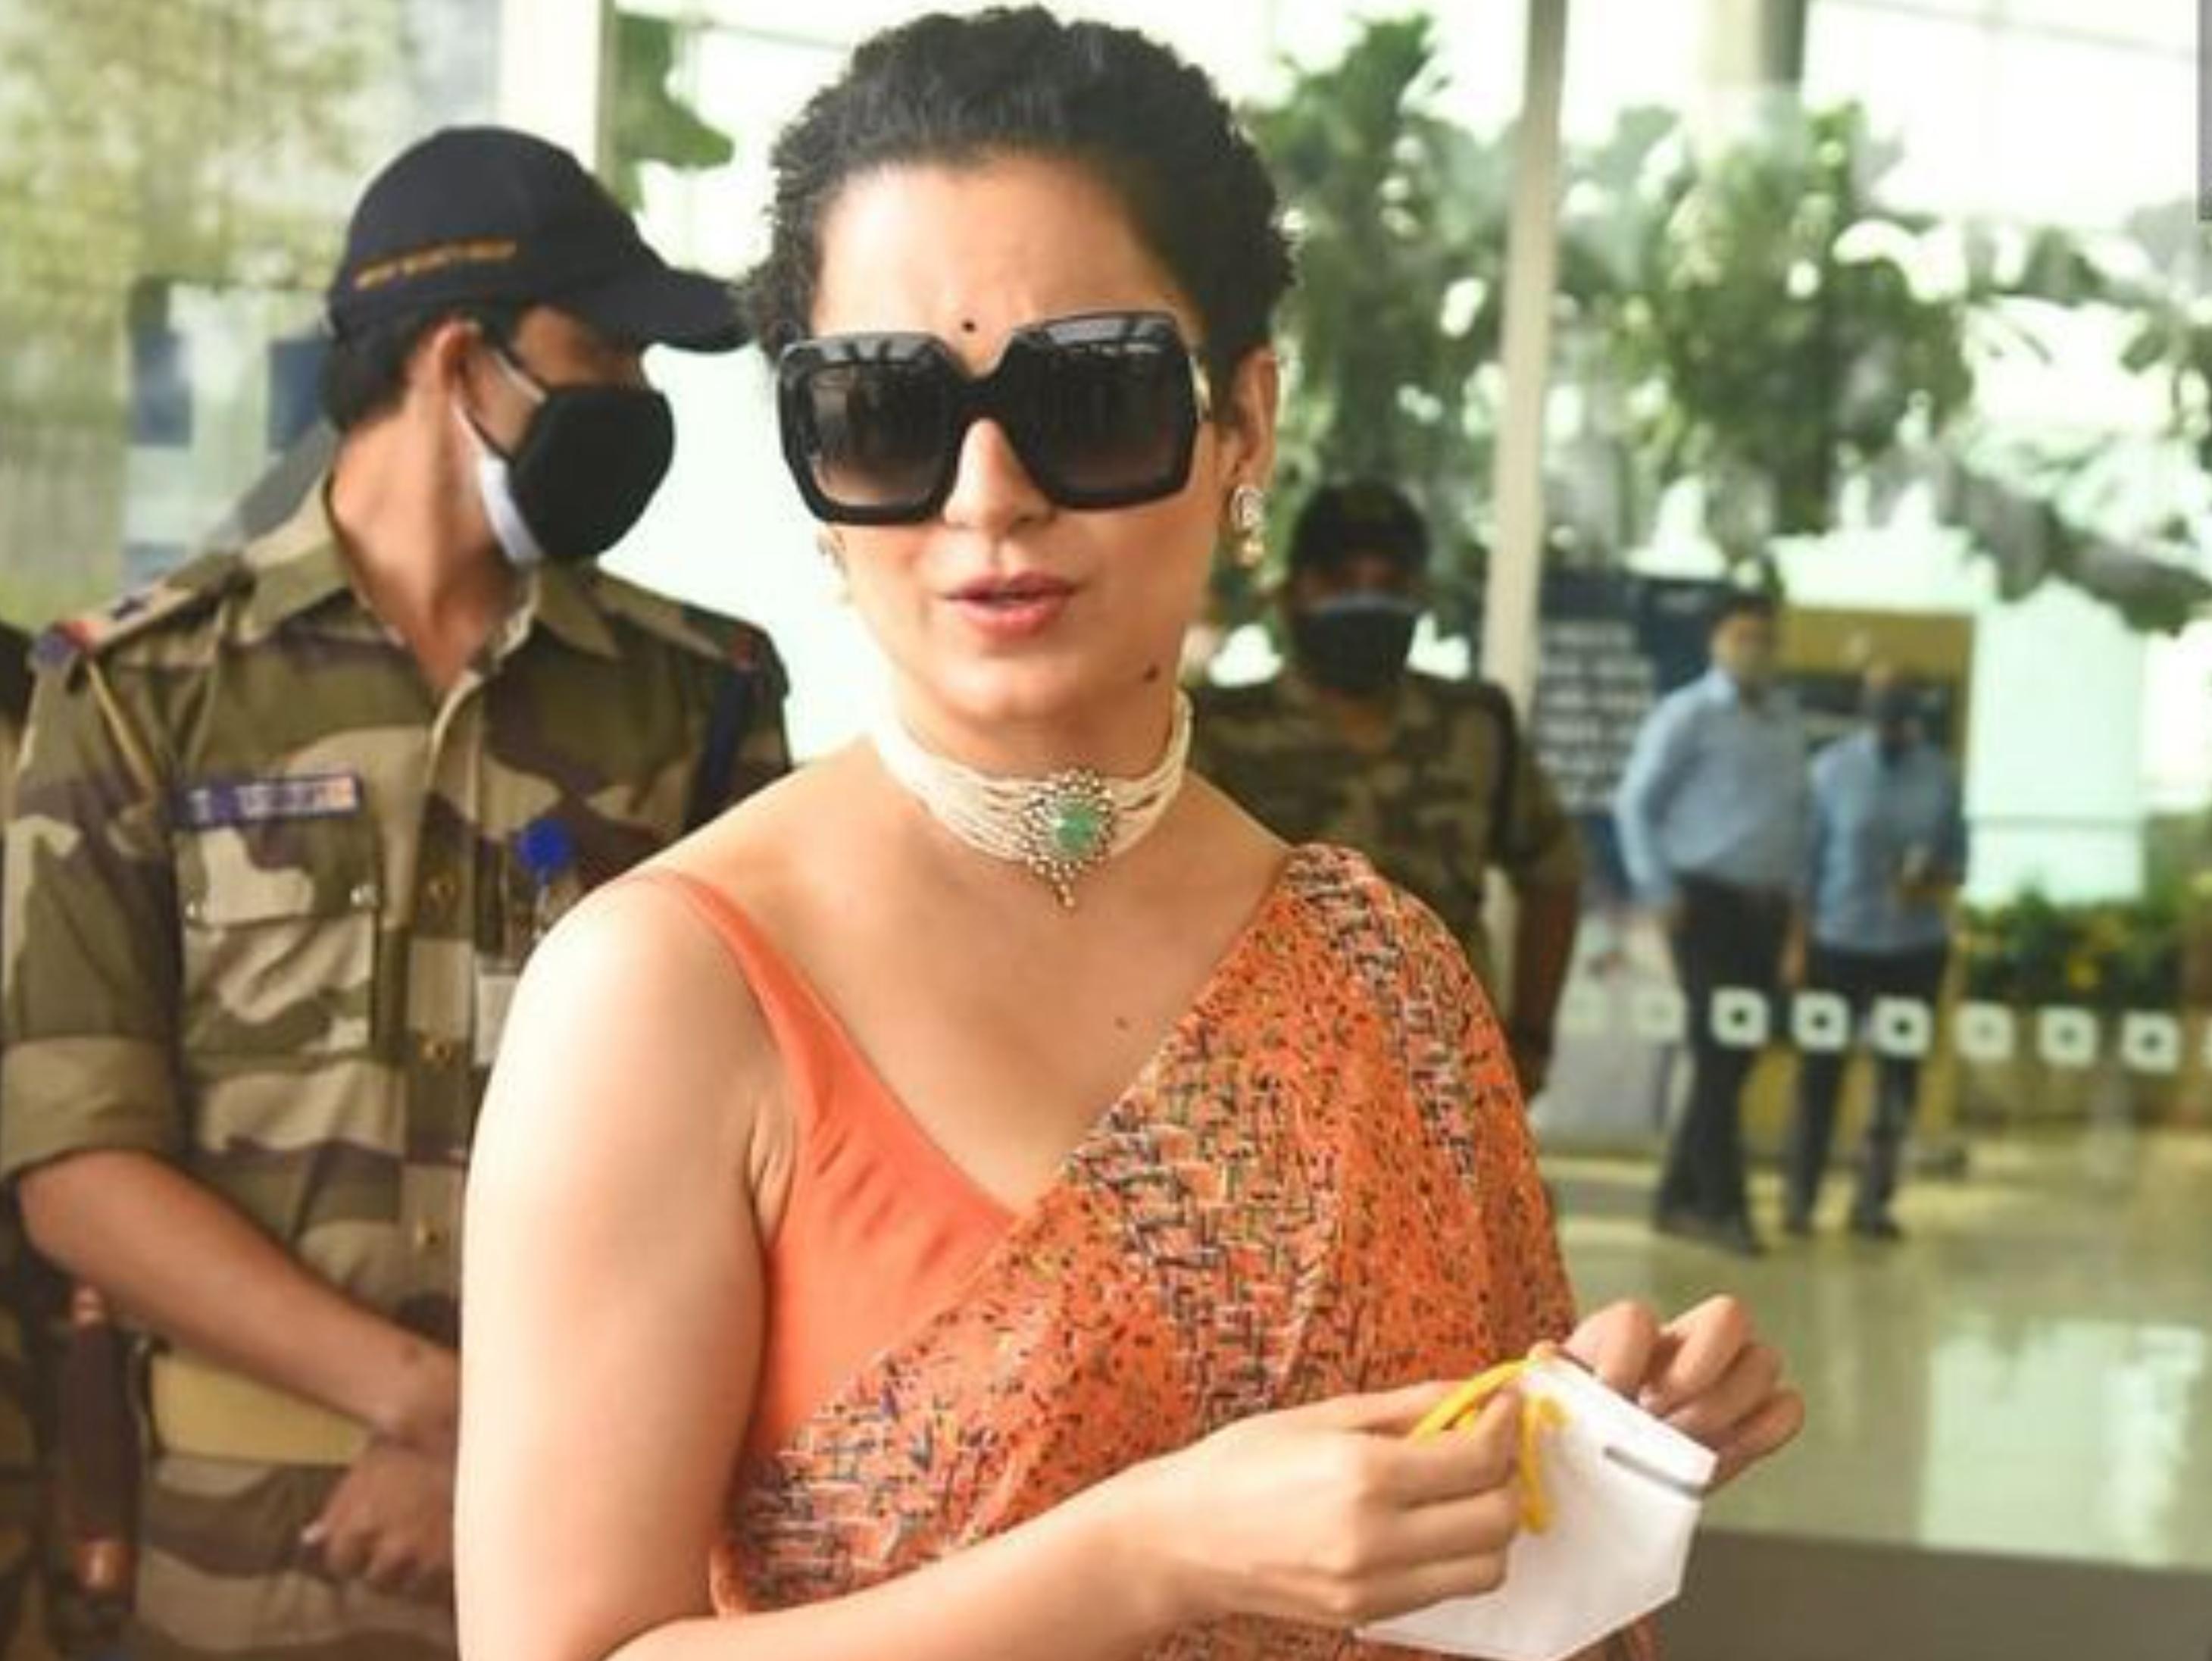 कोरोना से रिकवर होकर मनाली पहुंची कंगना रनोट, एयरपोर्ट पर पैपराजी से पूछा- कोरोना किस किस को हो गया|बॉलीवुड,Bollywood - Dainik Bhaskar